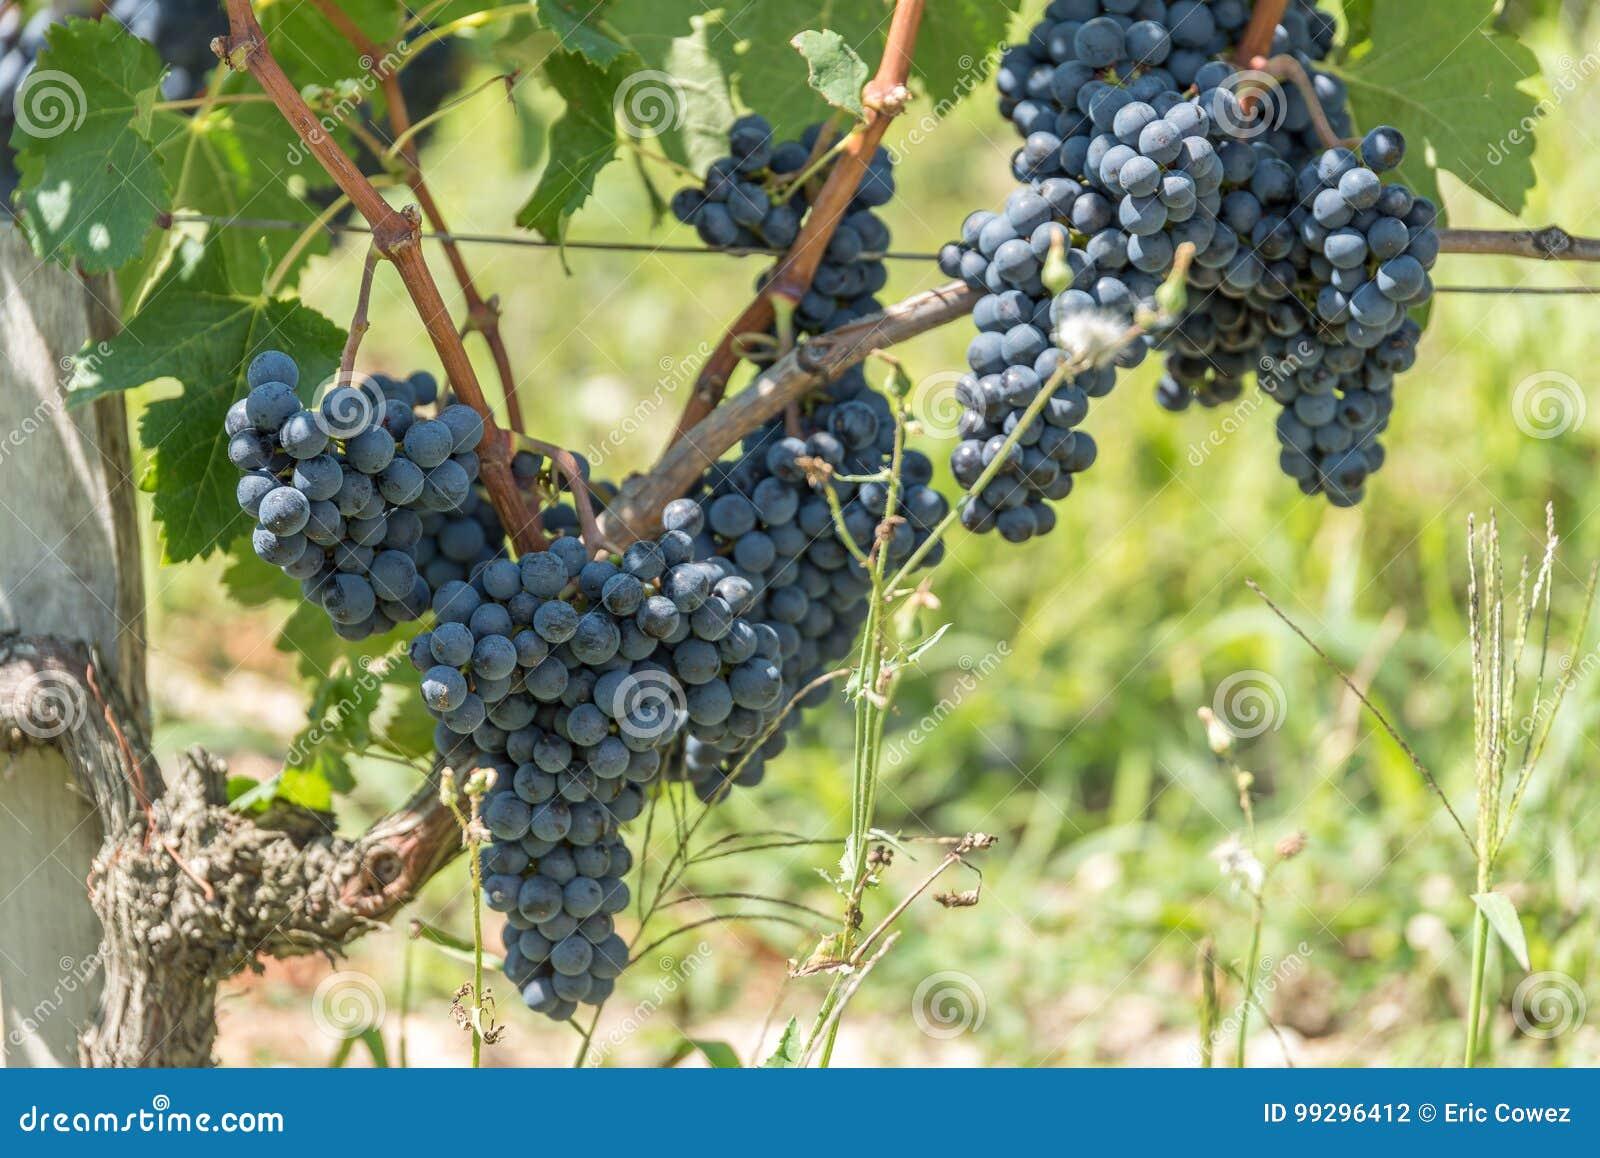 Vignoble et pamplemousse dans Medoc près de Bordeaux dans les Frances